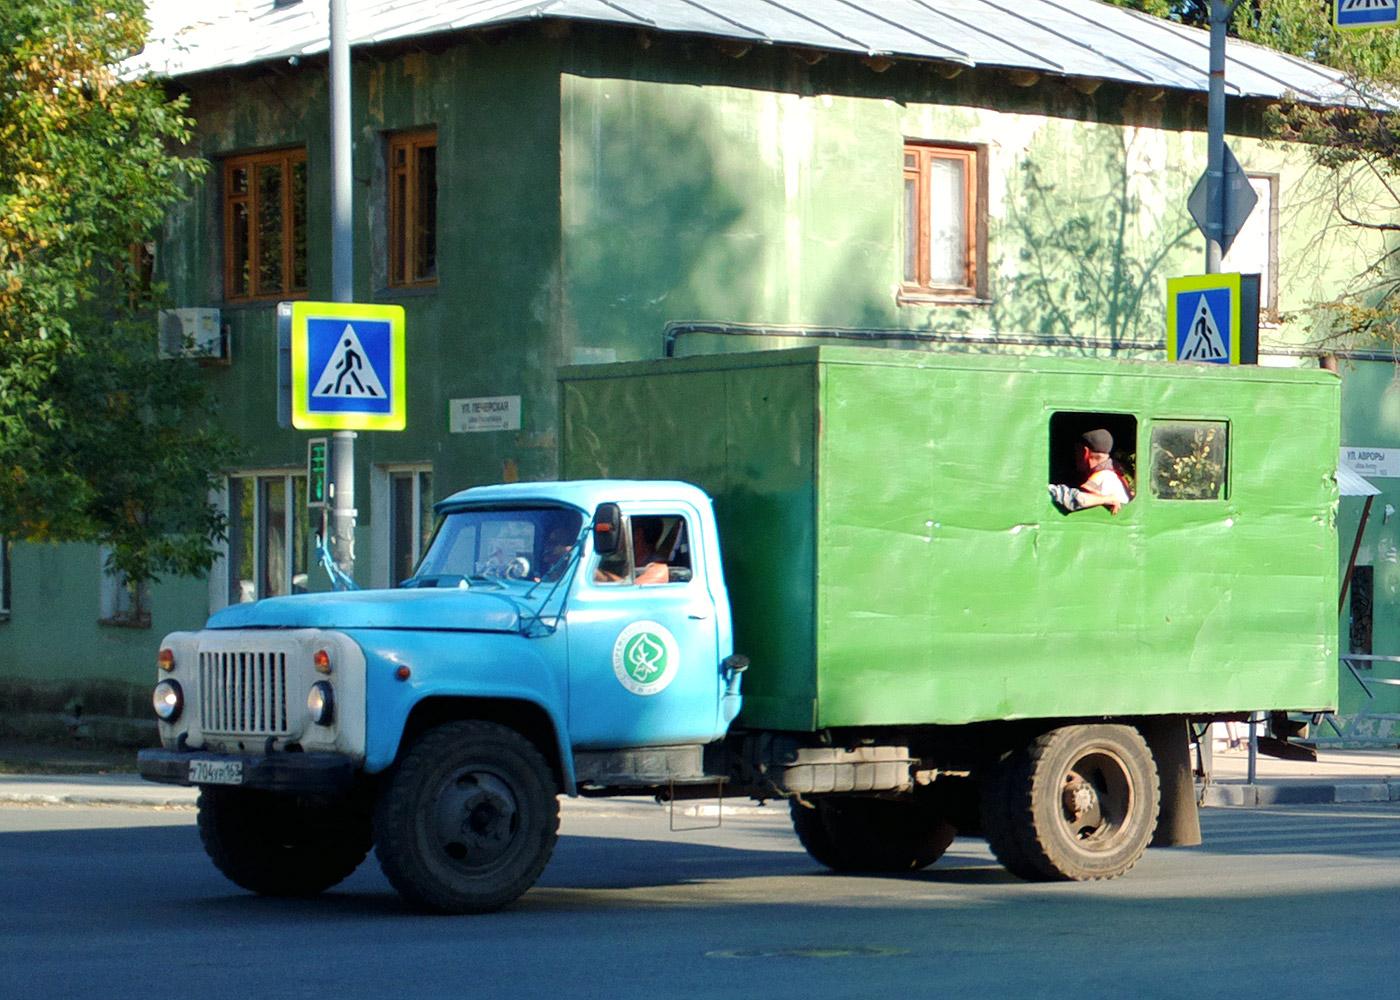 Мастерская на базе ГАЗ-53 #У704УР163. Самара, улица Авроры